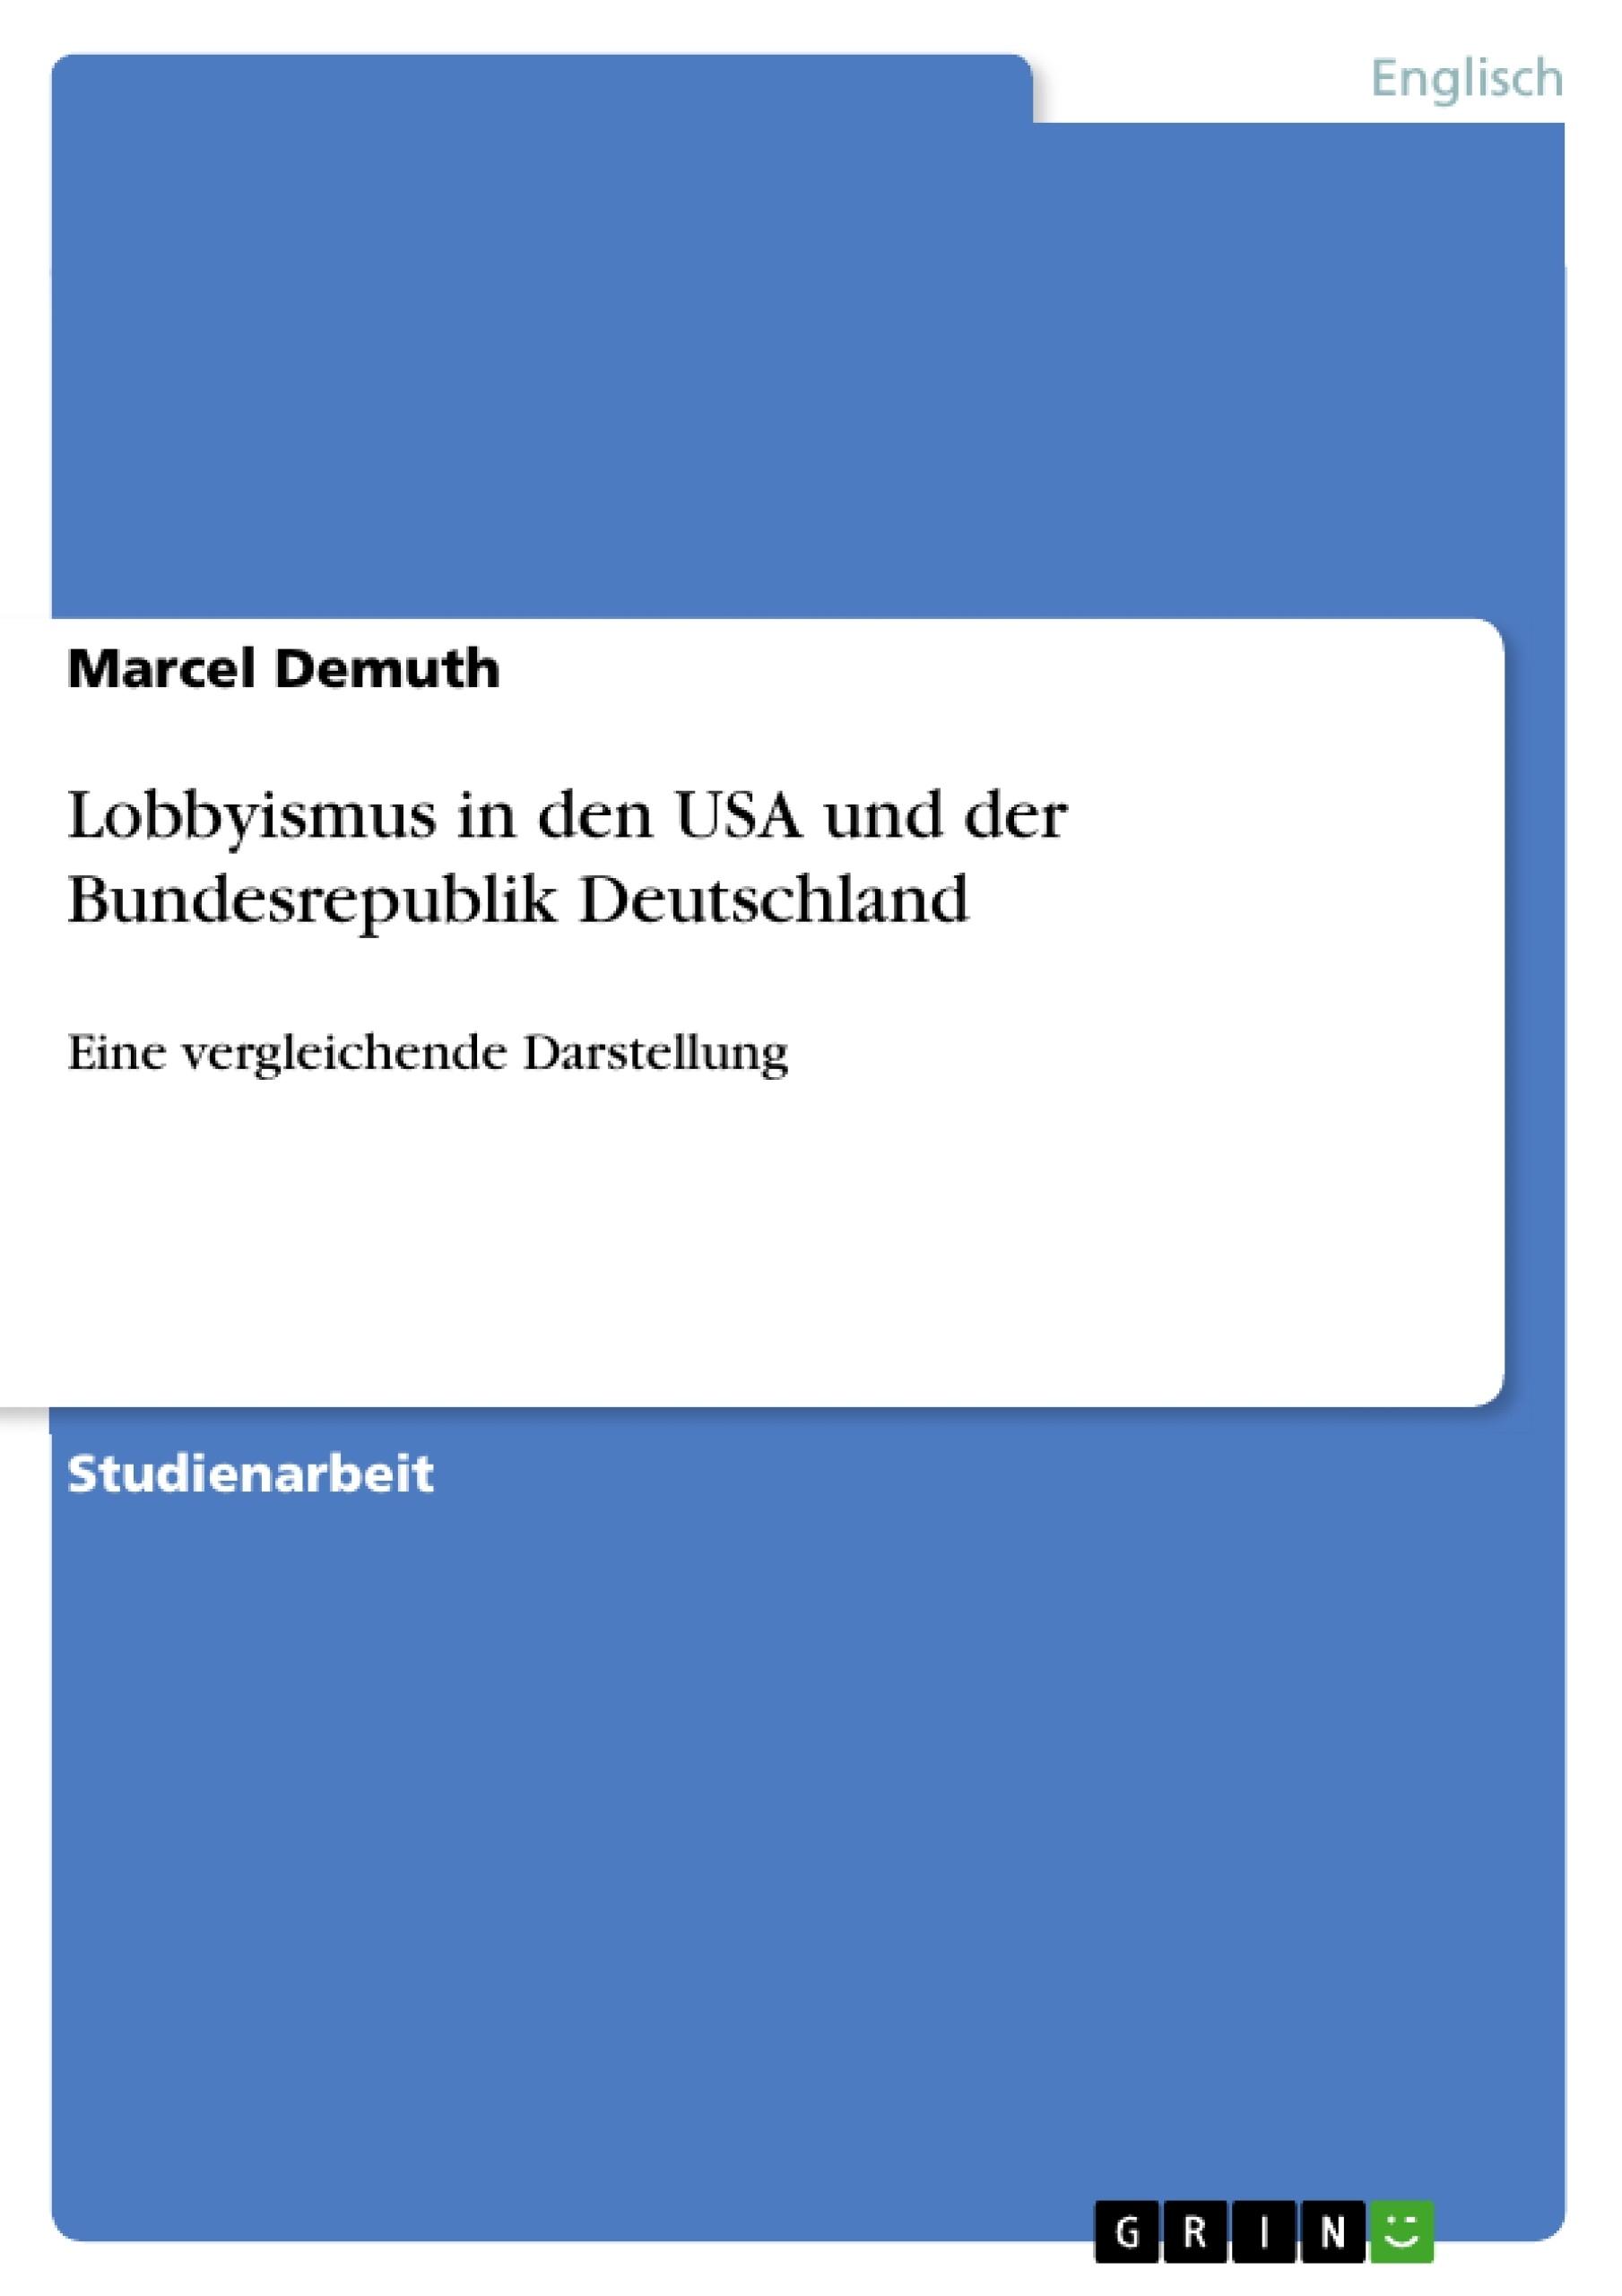 Titel: Lobbyismus in den USA und der Bundesrepublik Deutschland